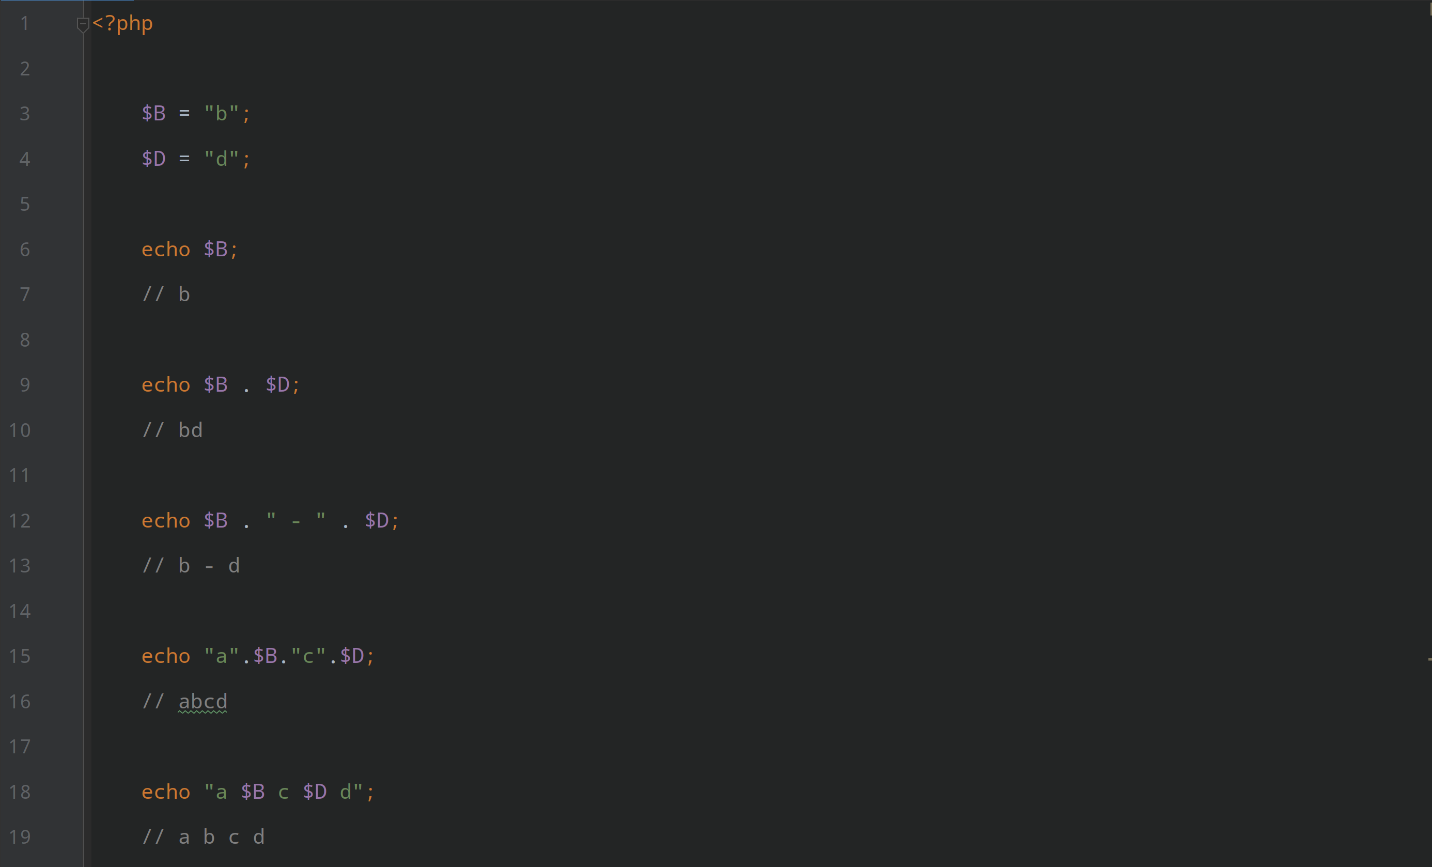 آموزش نصب PHP و شروع کدنویسی